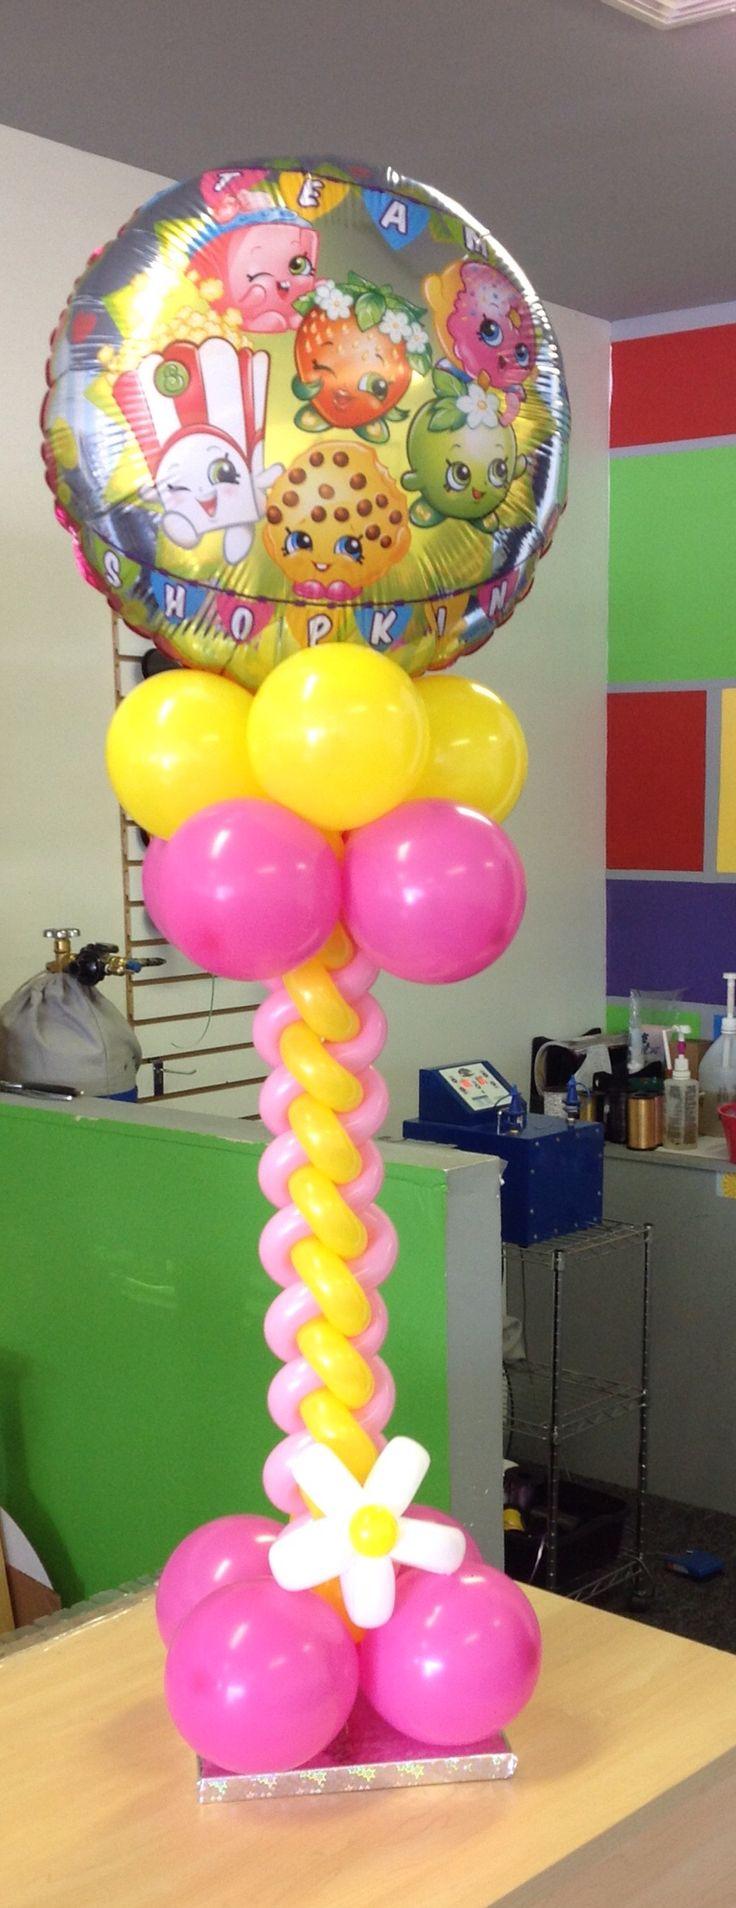 Shopkins tabletop design Balloon DesignsBalloon IdeasBalloon